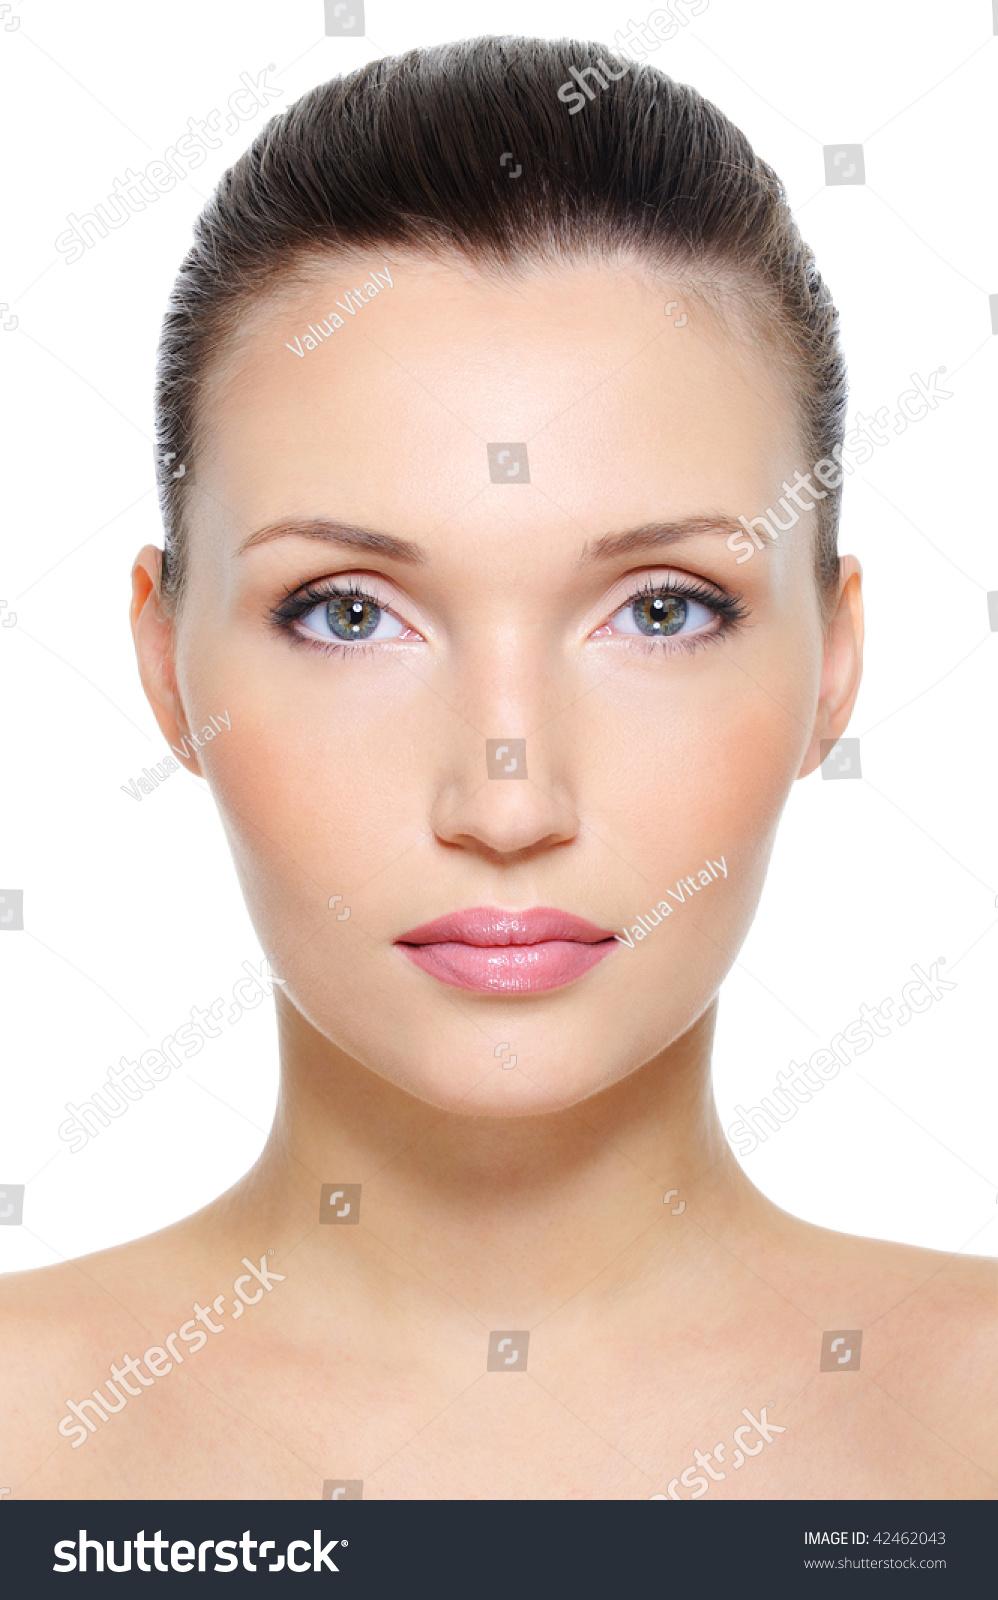 Closeup Portrait Of A: Closeup Front View Portrait Beauty Young Stock Photo